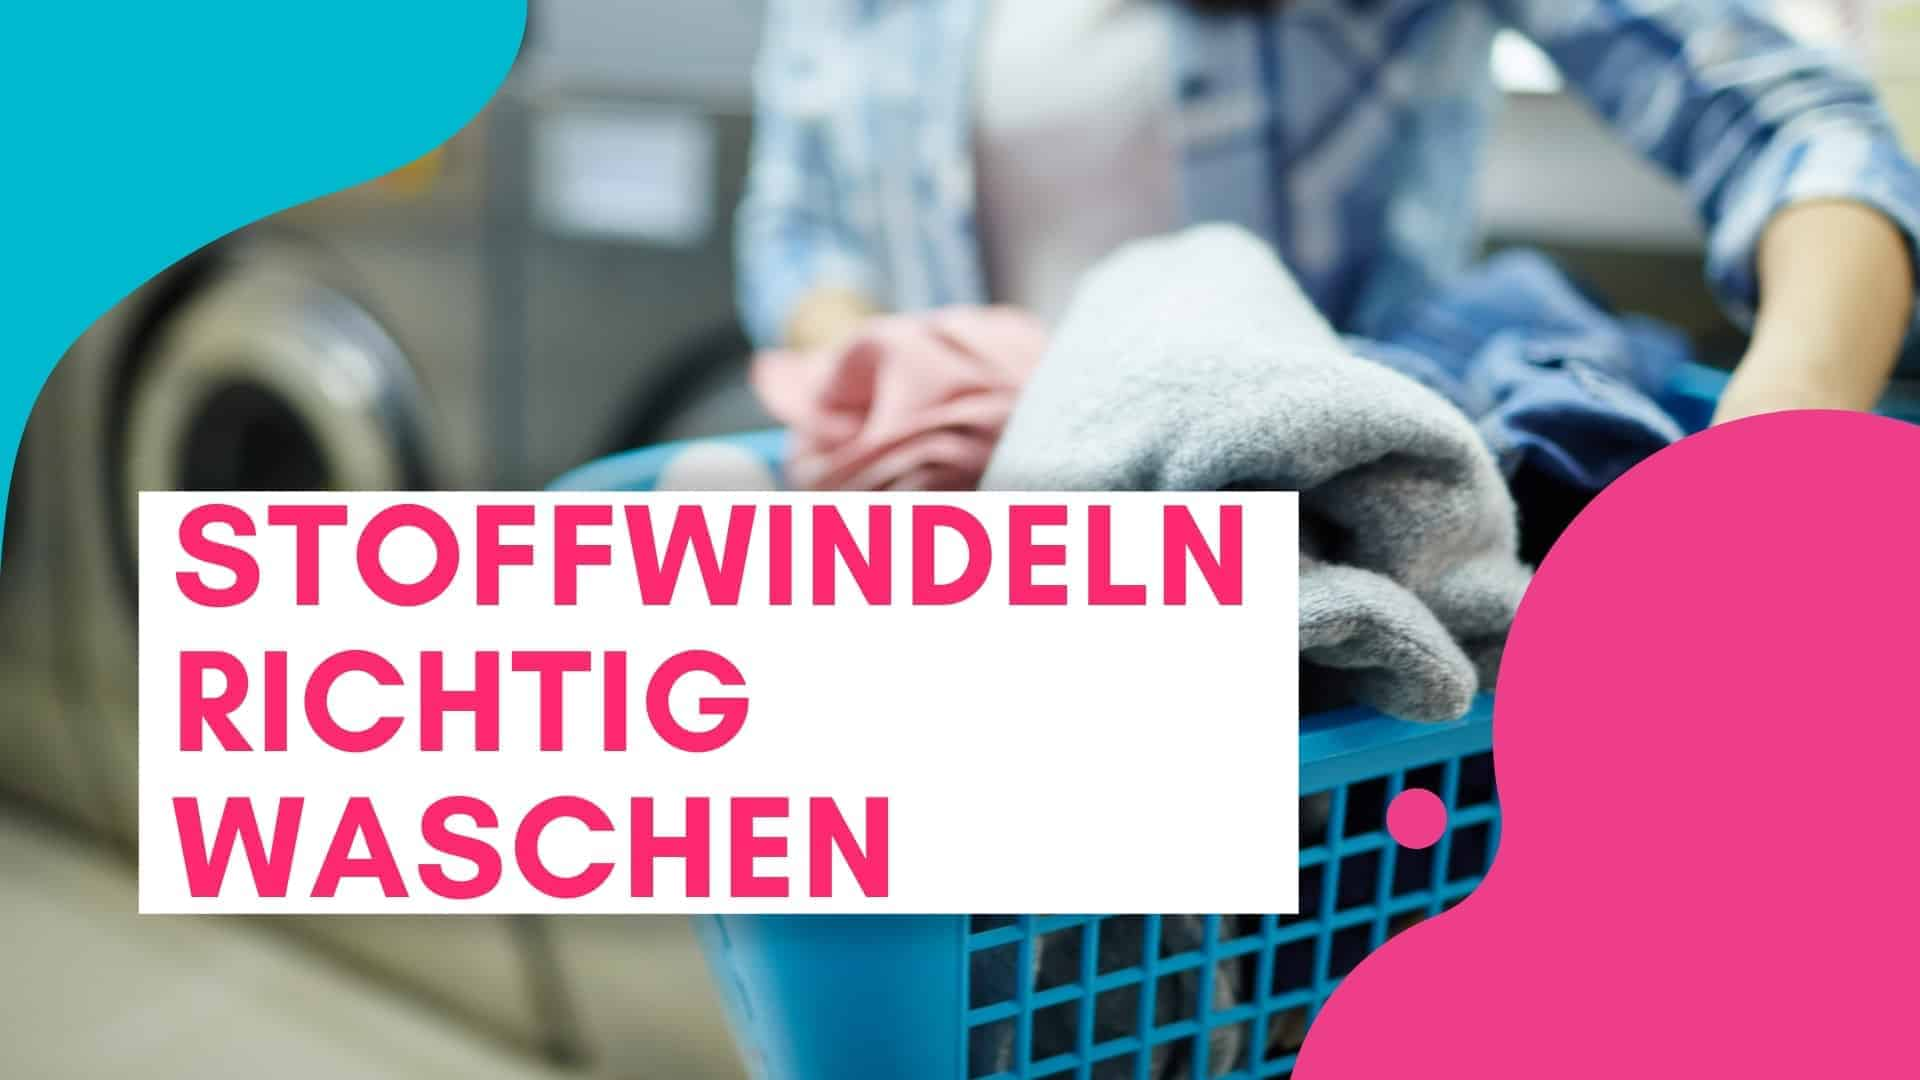 Stoffwindeln richtig waschen